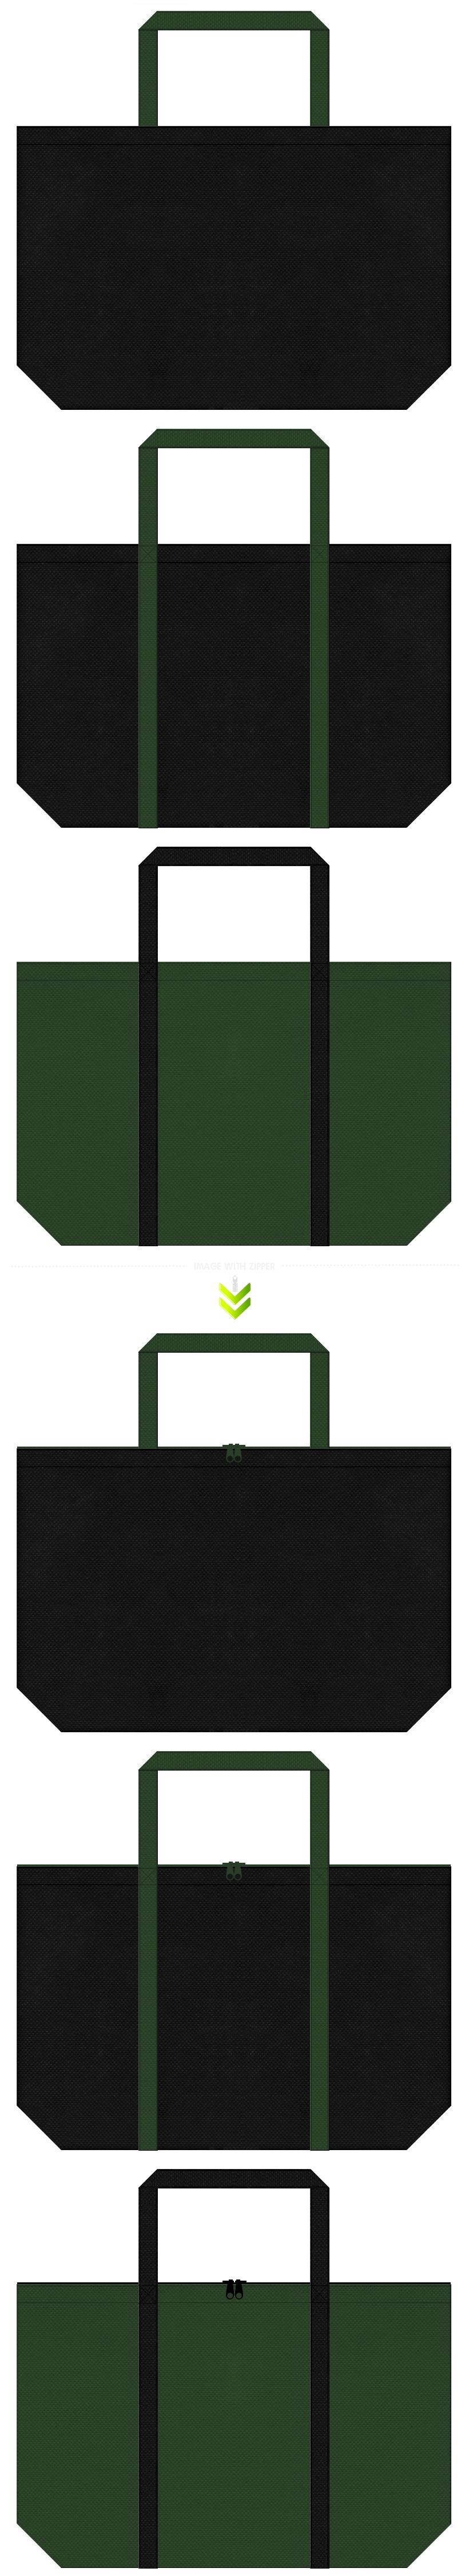 黒色と濃緑色の不織布エコバッグのデザイン。